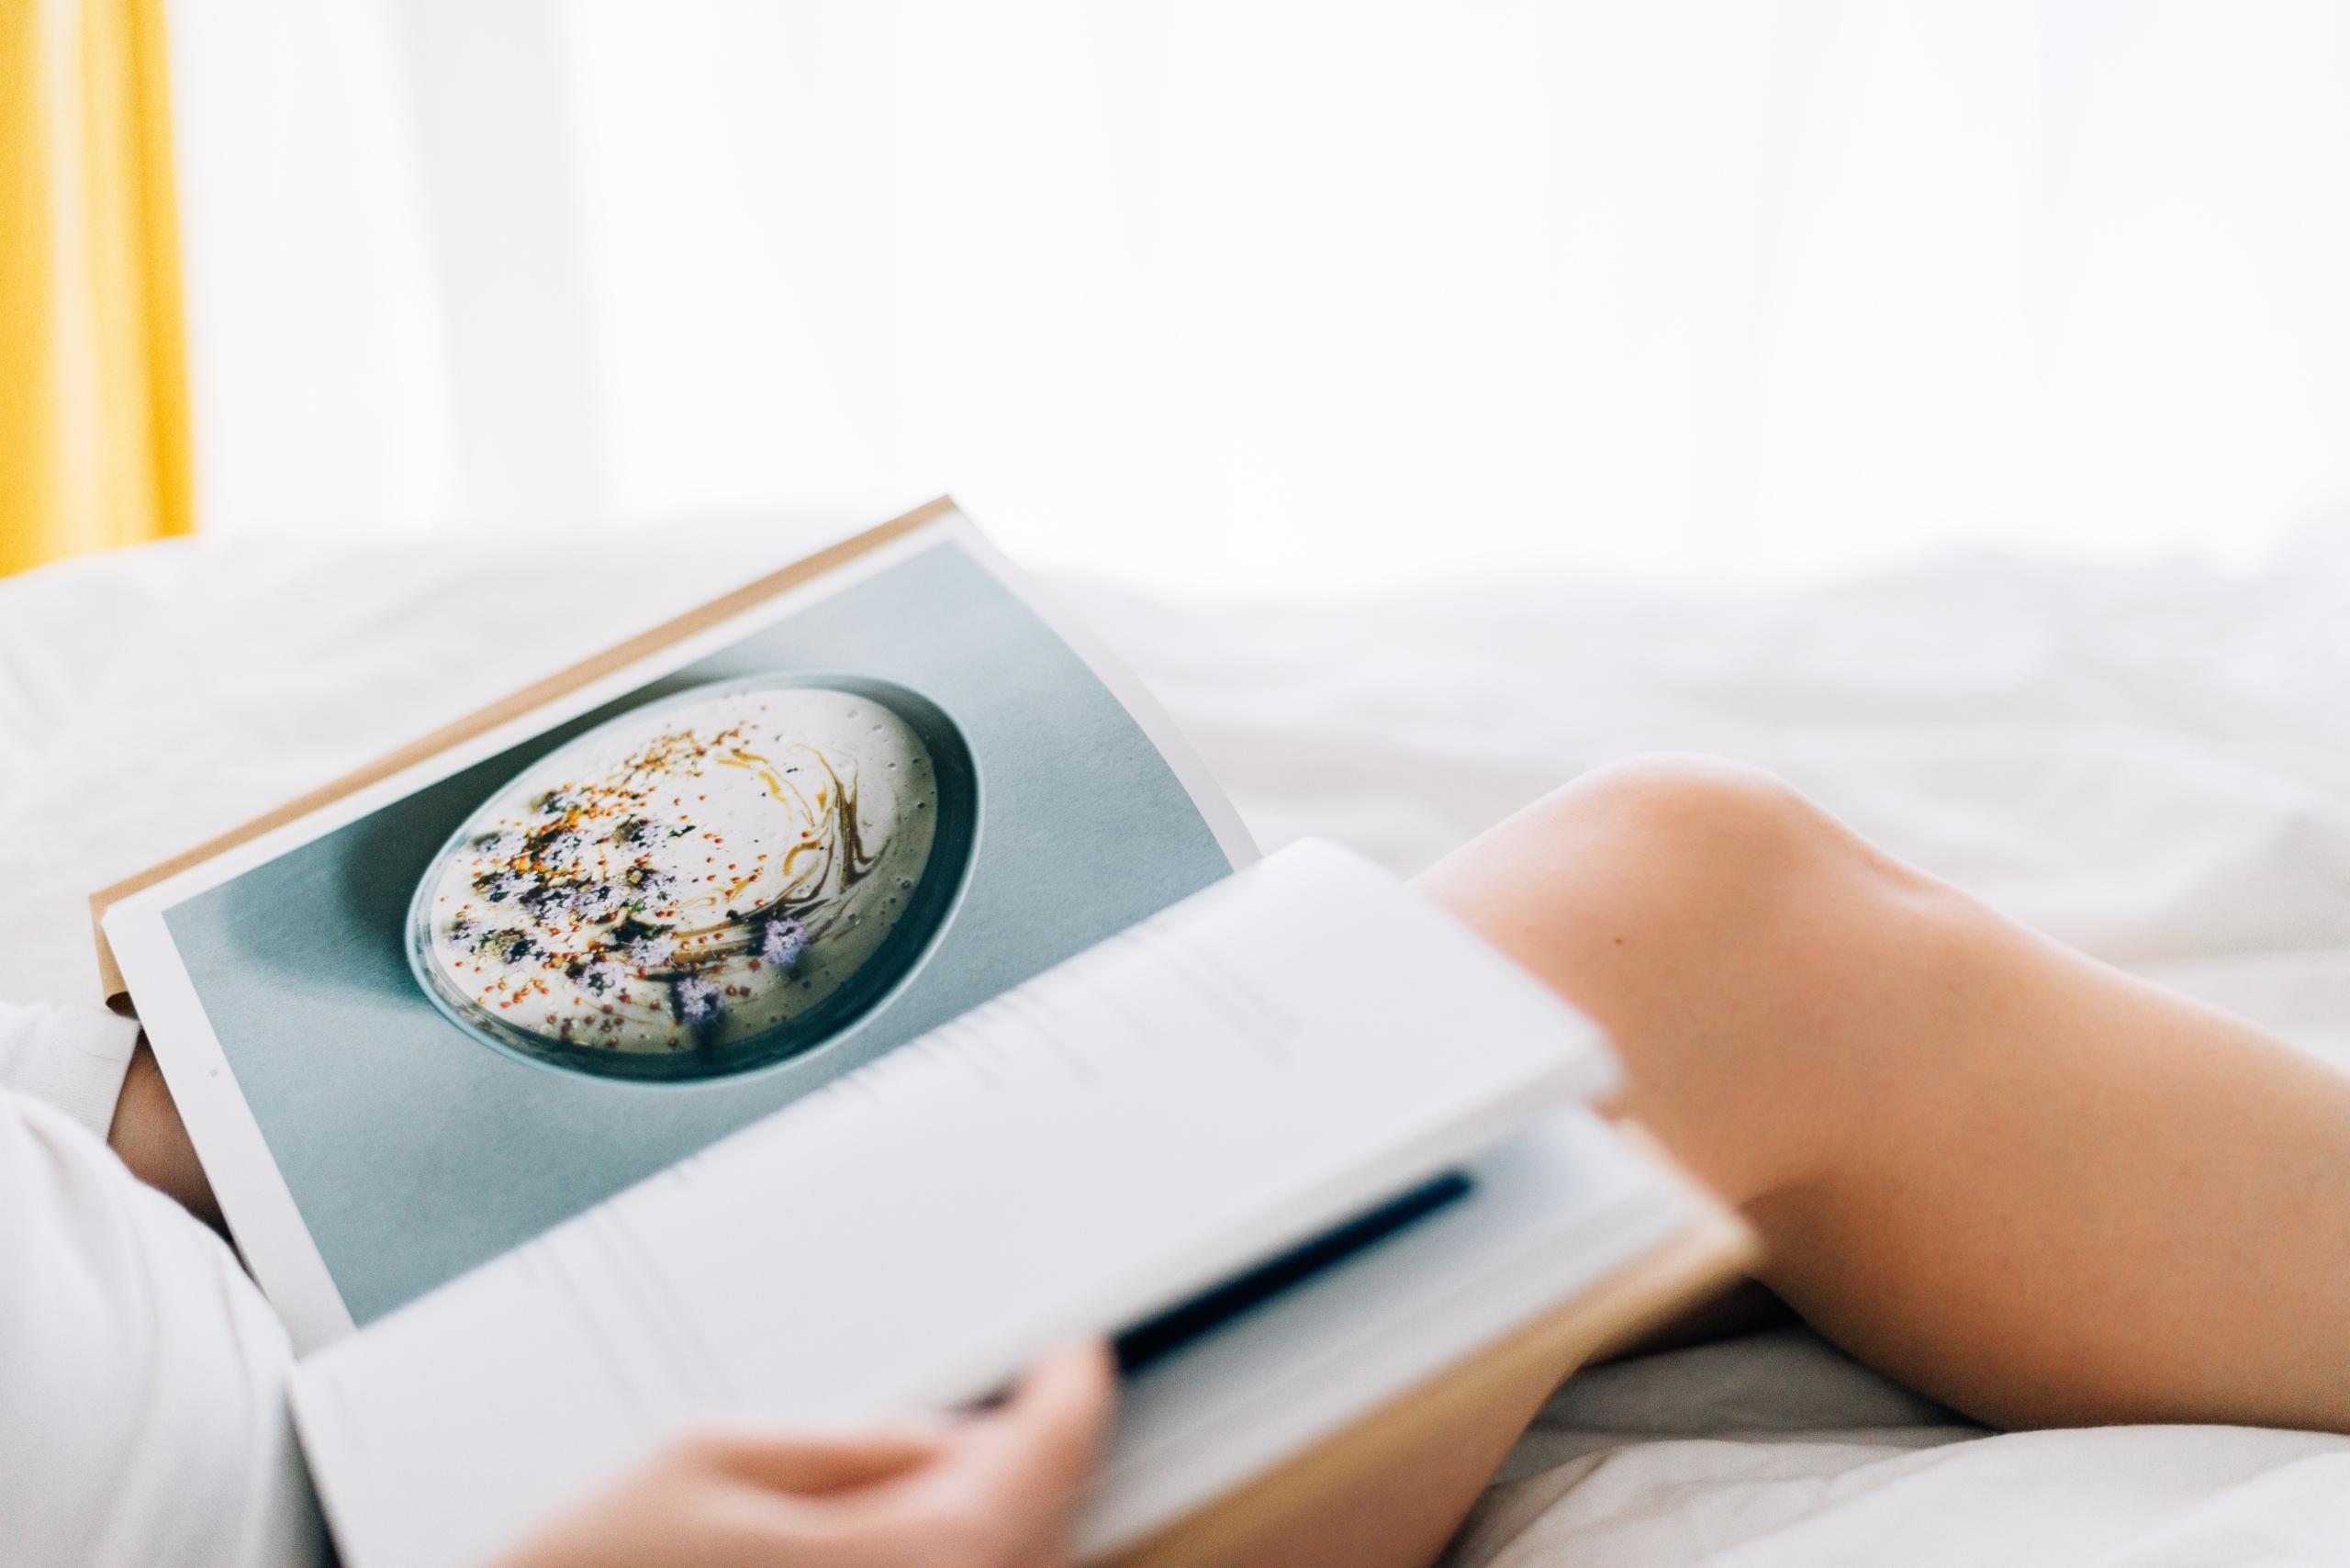 Los 4 libros que necesitas para aprender a cuidarte y disfrutar haciéndolo 9